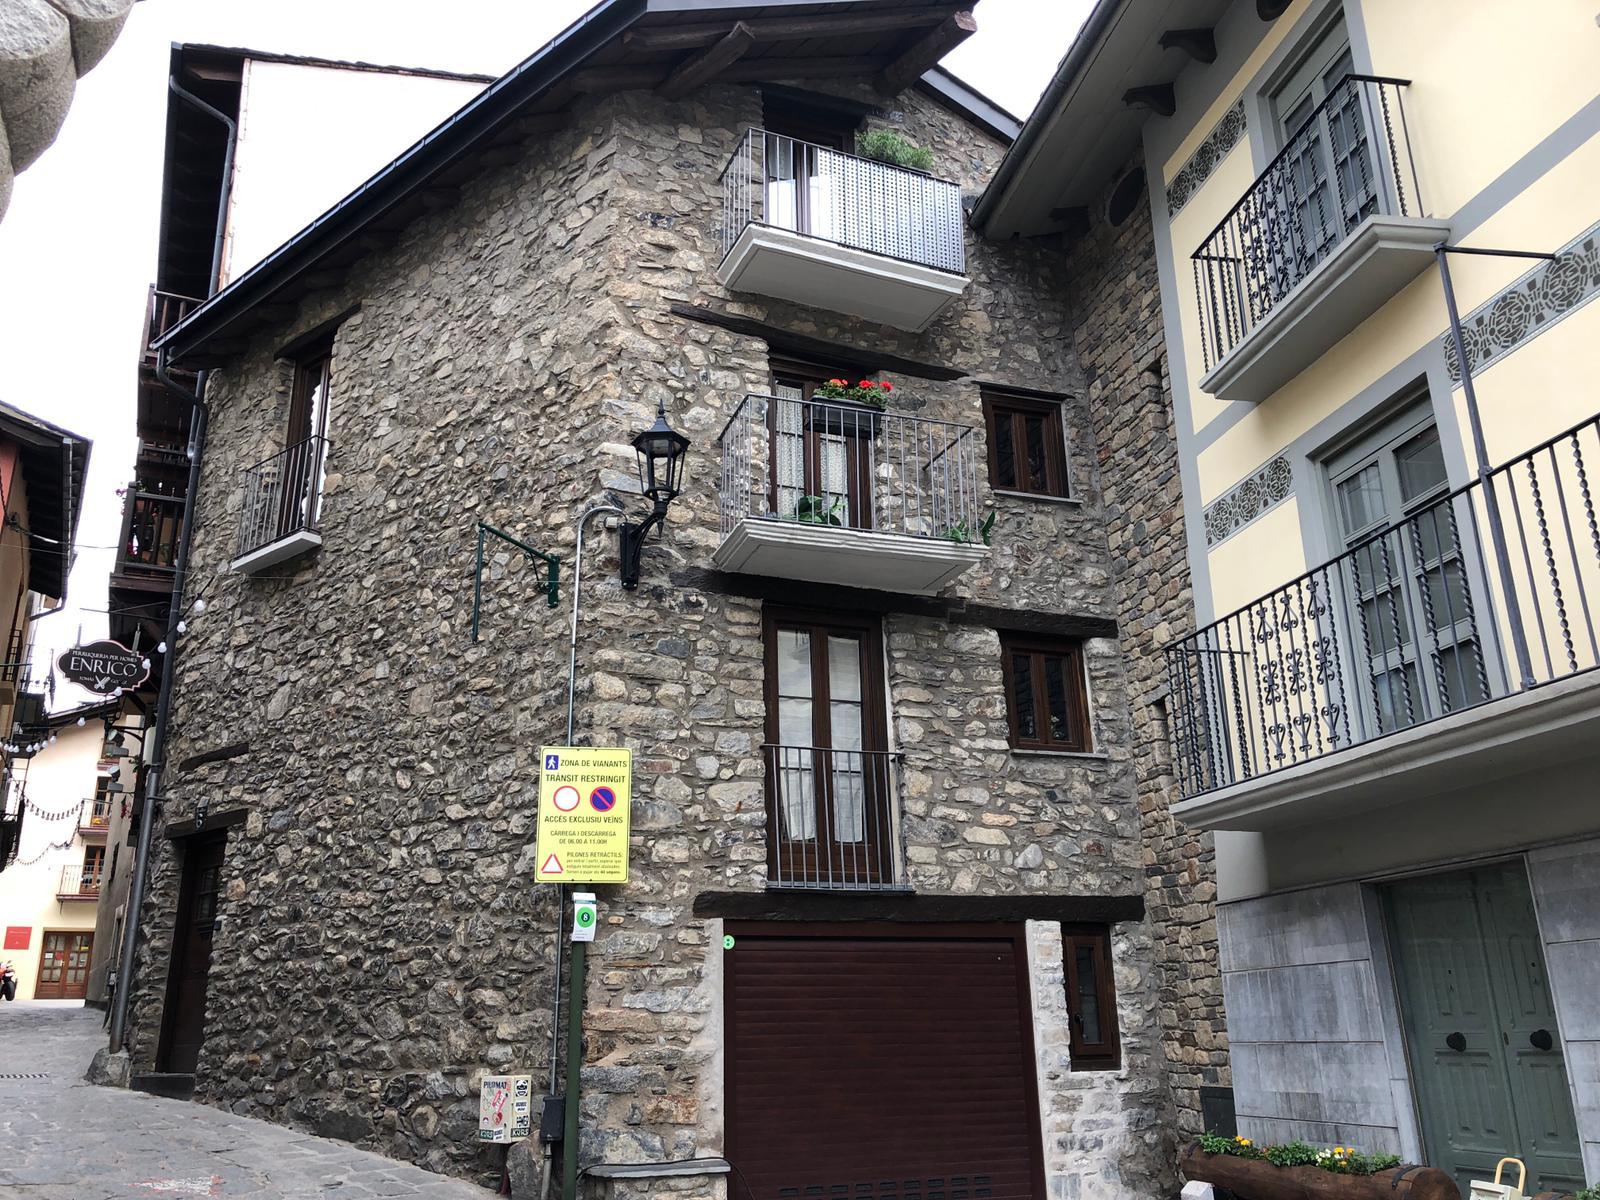 Restaurem i rehabilitem bordes típiques Andorranes, façanes, cases, pisos i tota mena d'edificacions en mal estat. Estem especialitzats en la restauració de cases de pedra i en la rehabilitació d'immobles antics. Protegim la degradació de la construcció per tal de garantir la seva durabilitat.